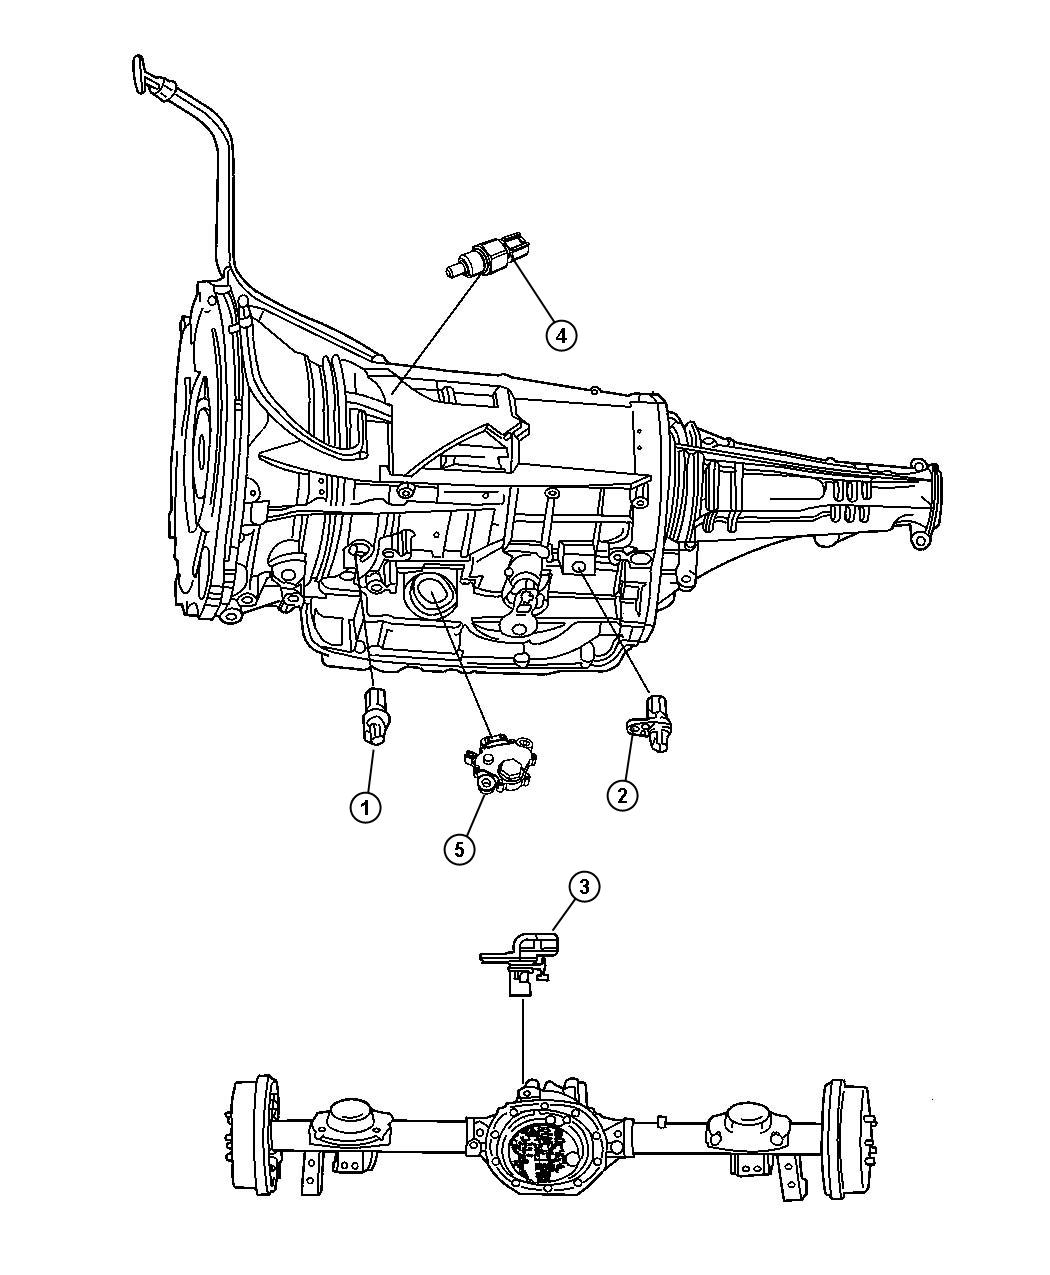 2007 Dodge Ram 3500 Range sensor, switch. Neutral start